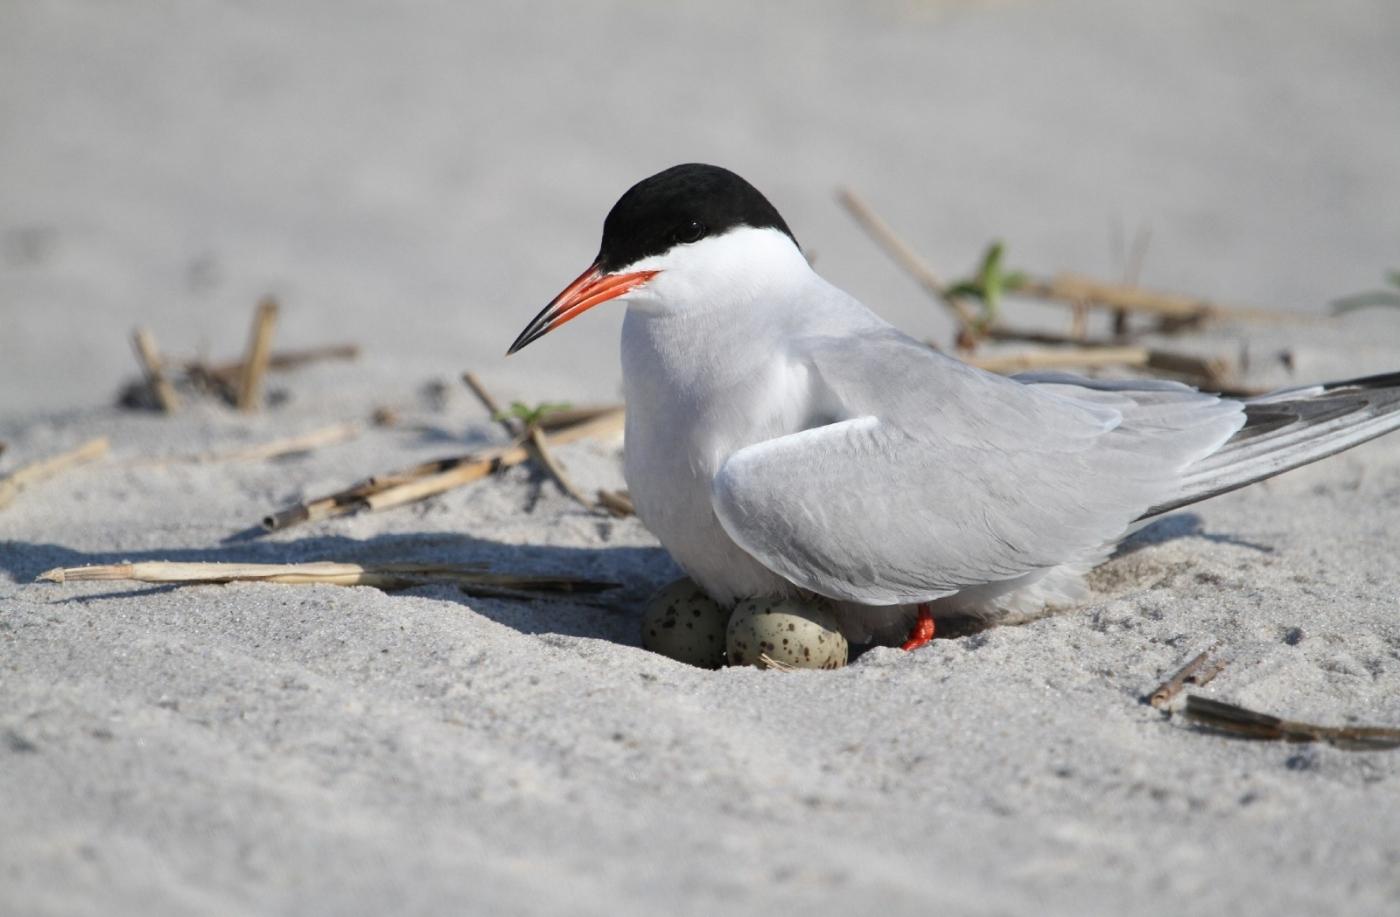 【田螺摄影】nickerson beach拍燕鸥_图1-20